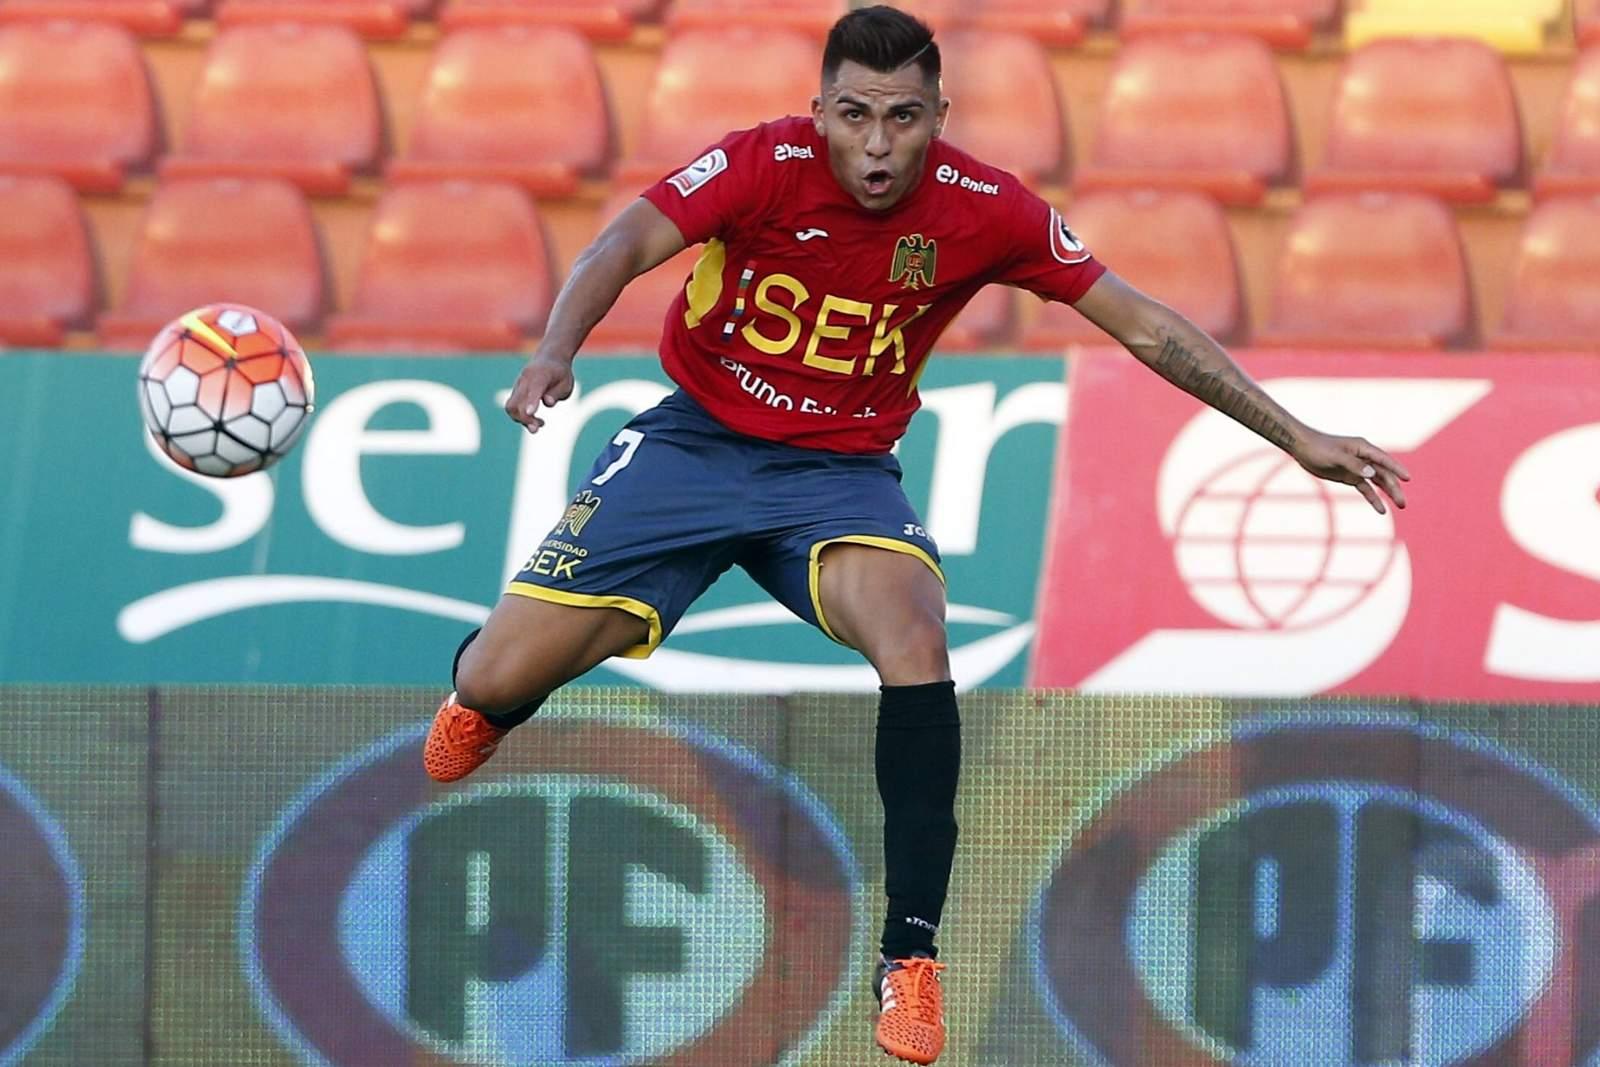 Cesar Pinares von Union Espanola